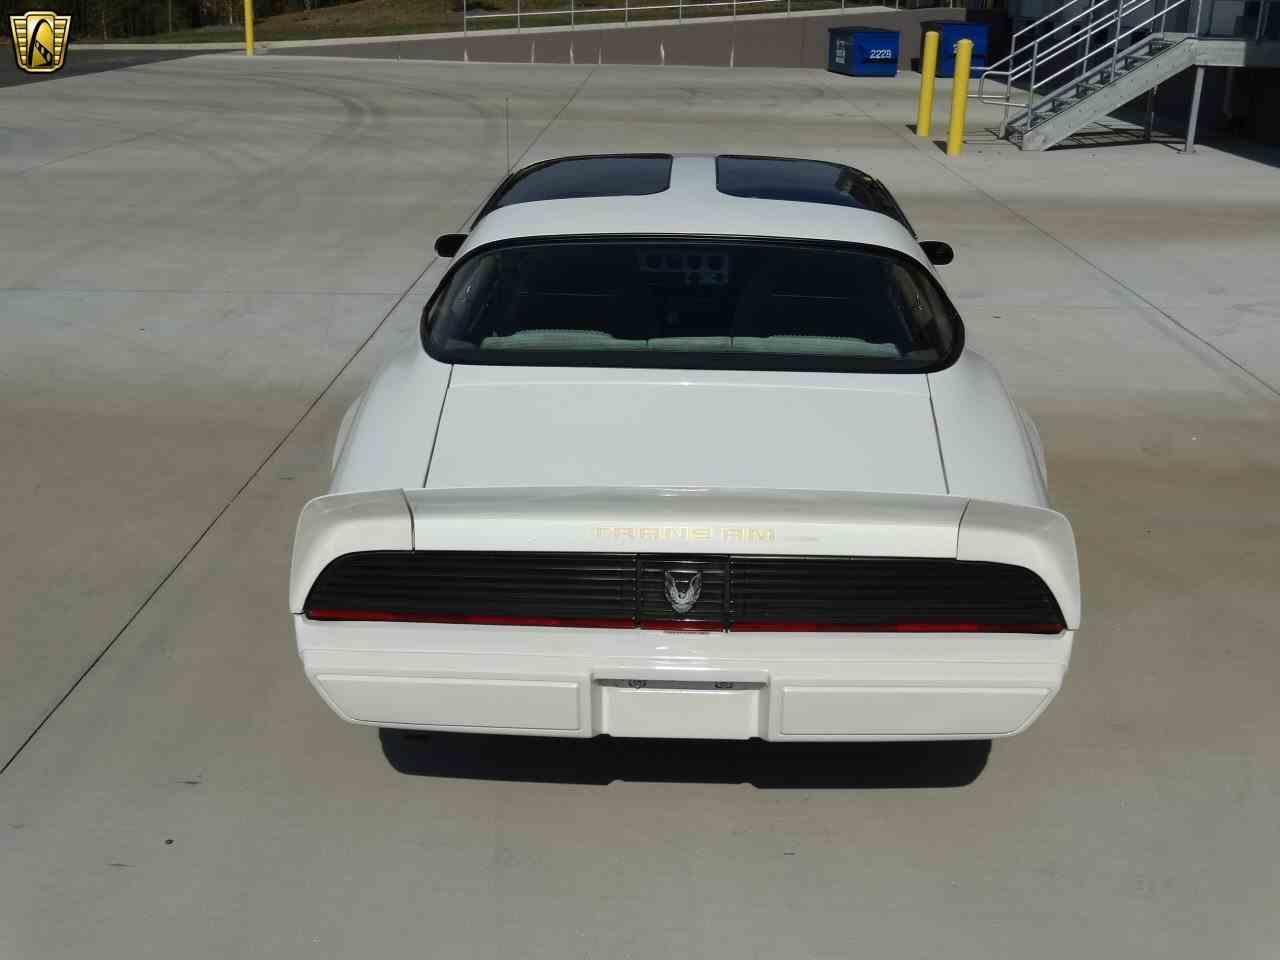 Large Picture of '81 Pontiac Firebird located in Georgia - $31,595.00 - KGSJ